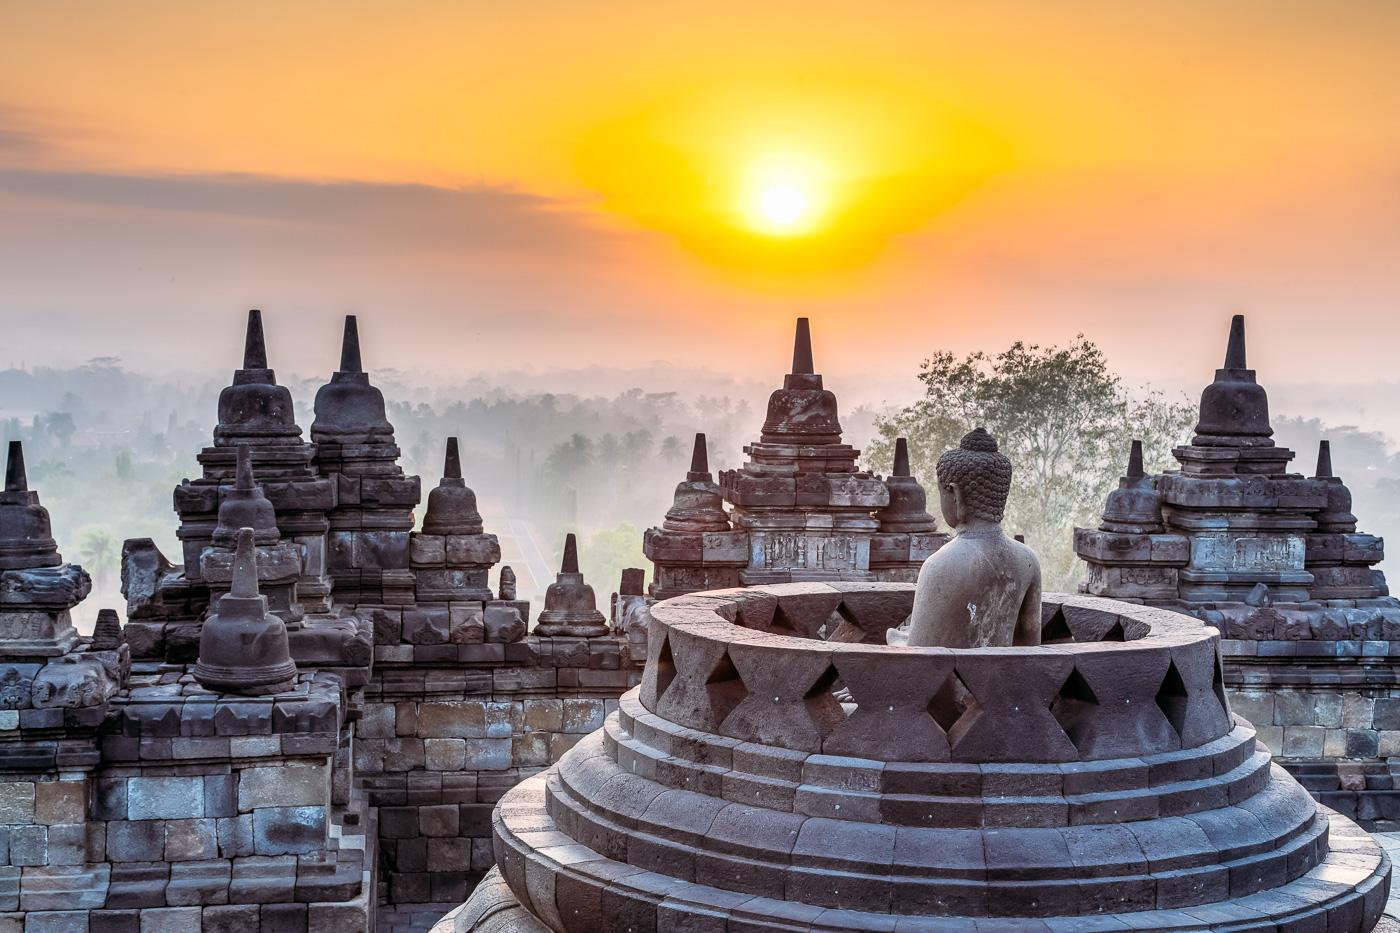 7. Borobudur